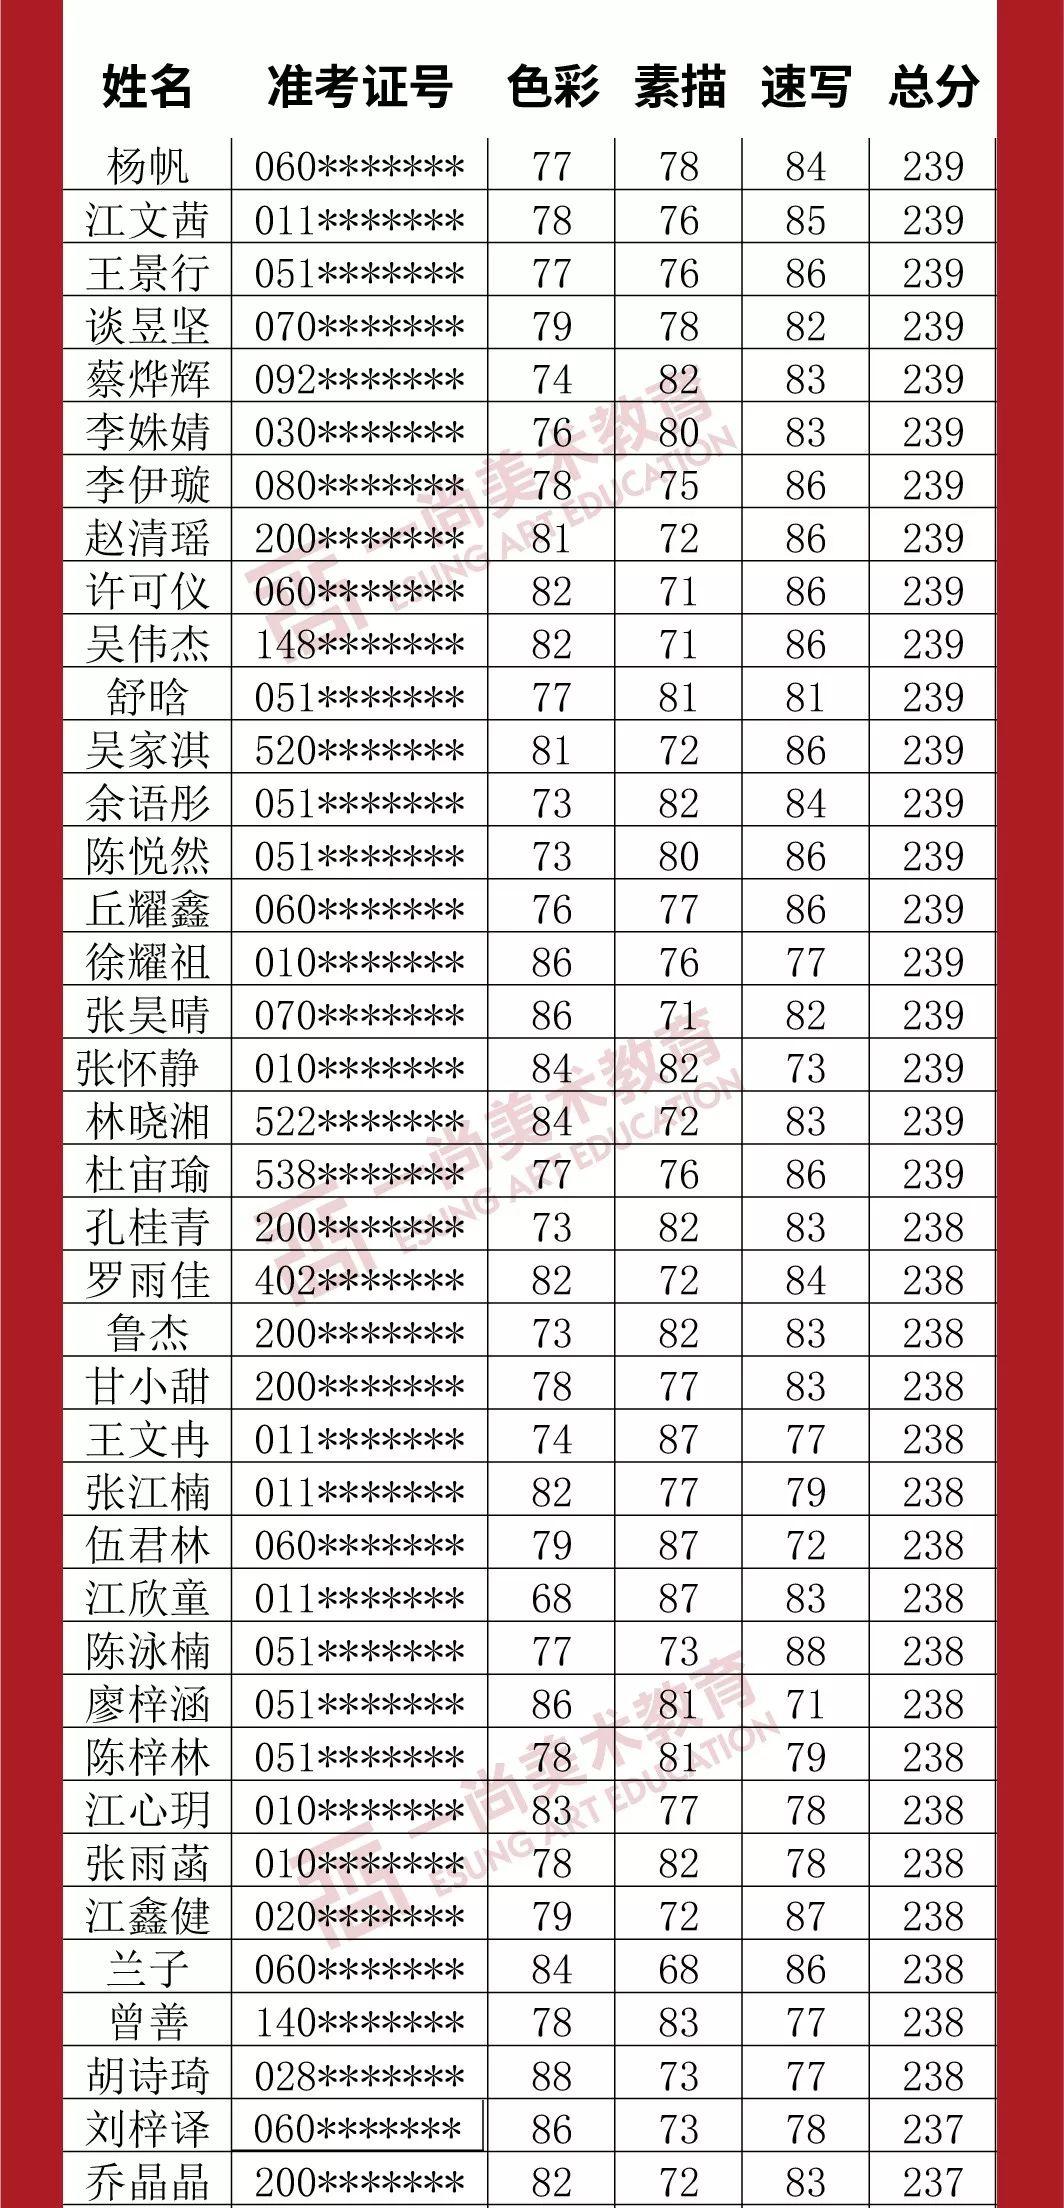 广州度岸画室,广东美术联考,广州美术培训         34